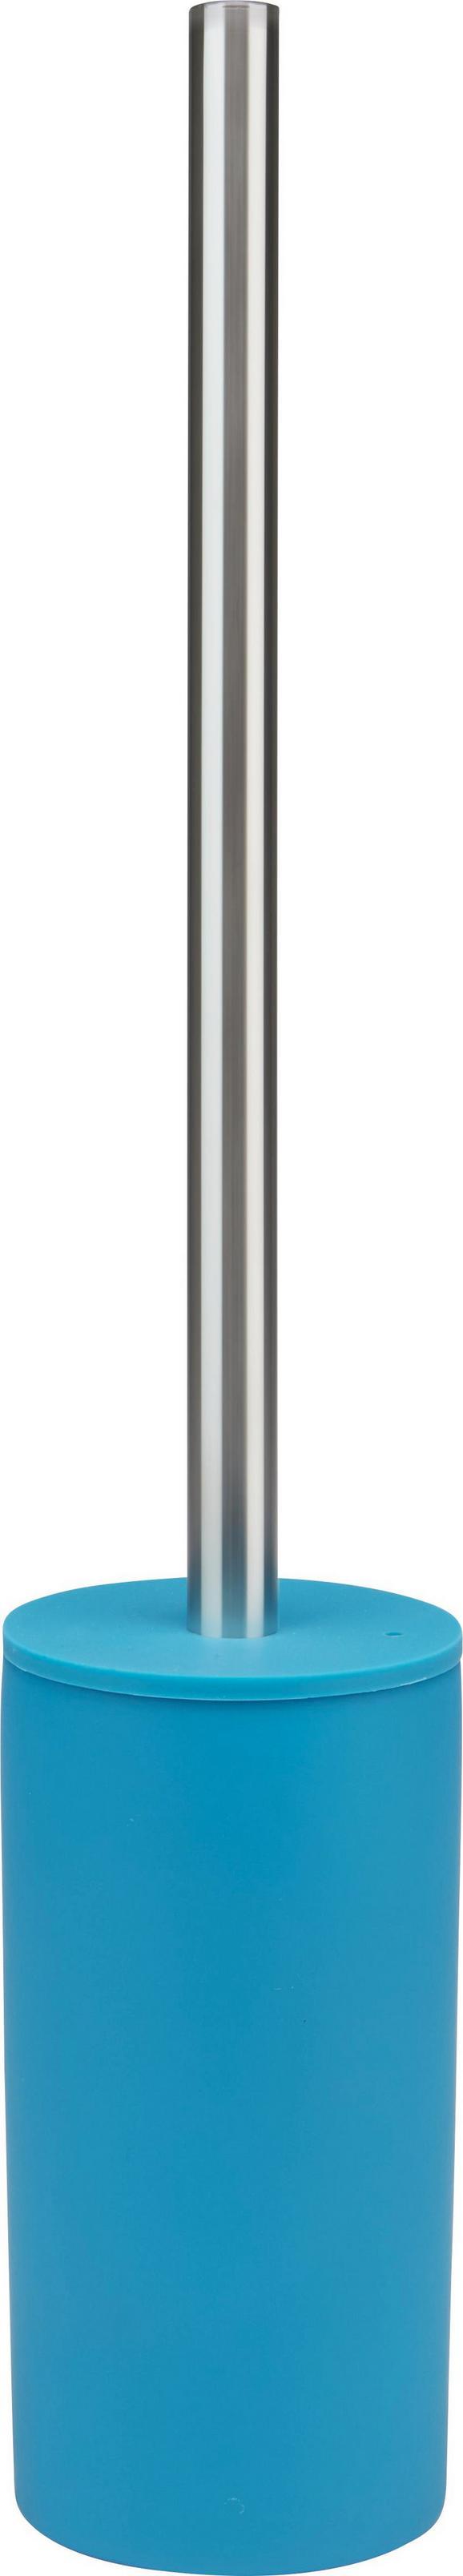 Wc-kefe Melanie - Olajkék, konvencionális, Műanyag/Fém (8/45cm) - Mömax modern living